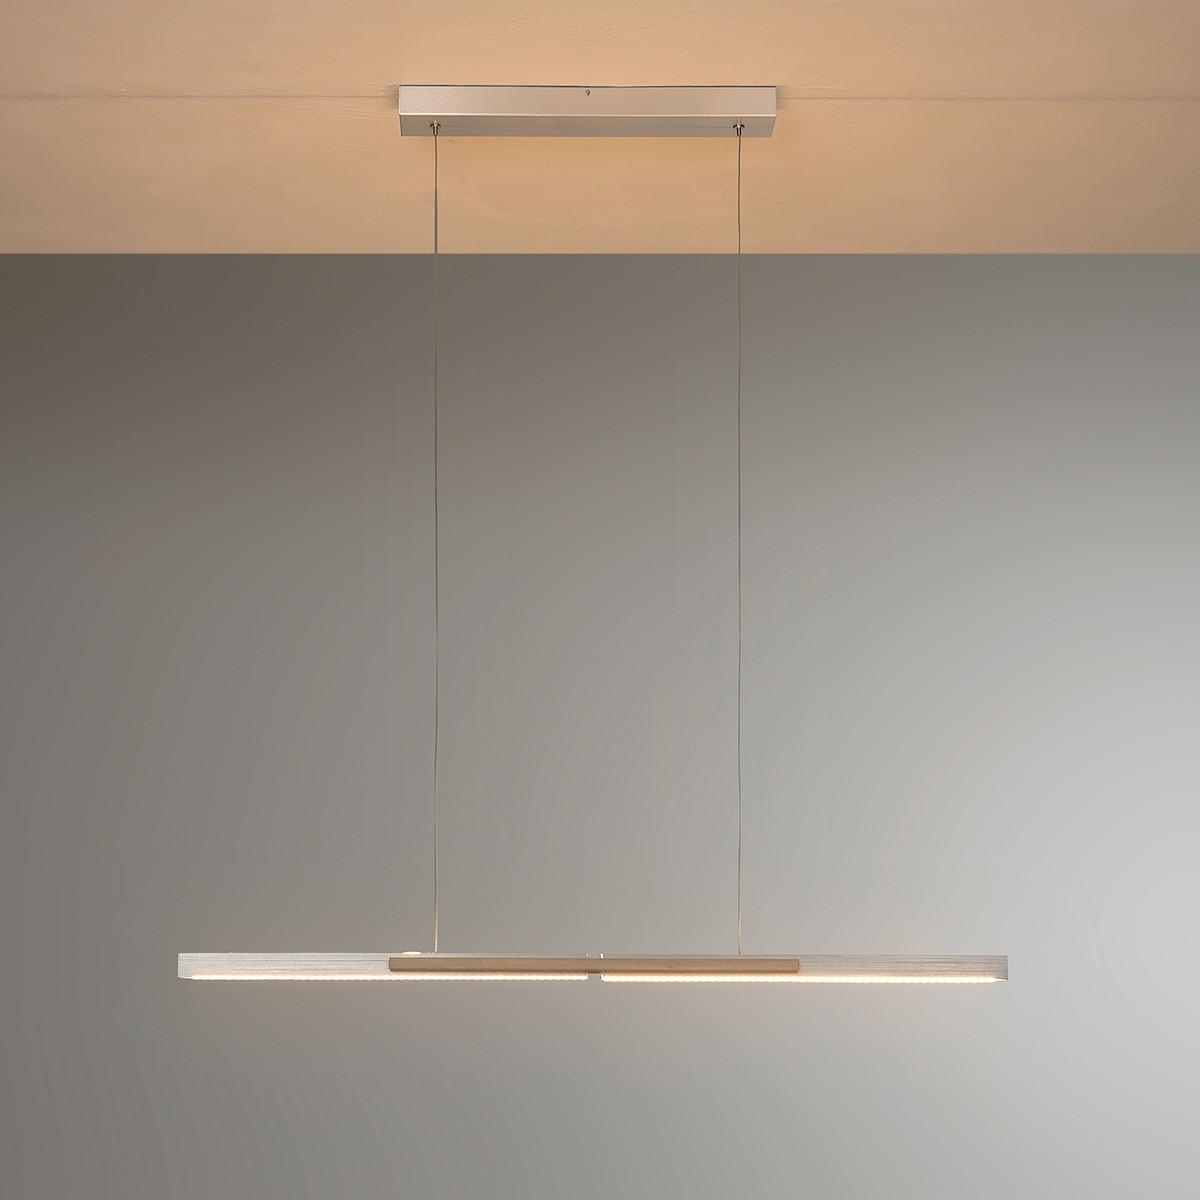 Bopp Link LED Pendelleuchte mit Casambi Modul, Aluminium geschliffen - Eiche hell